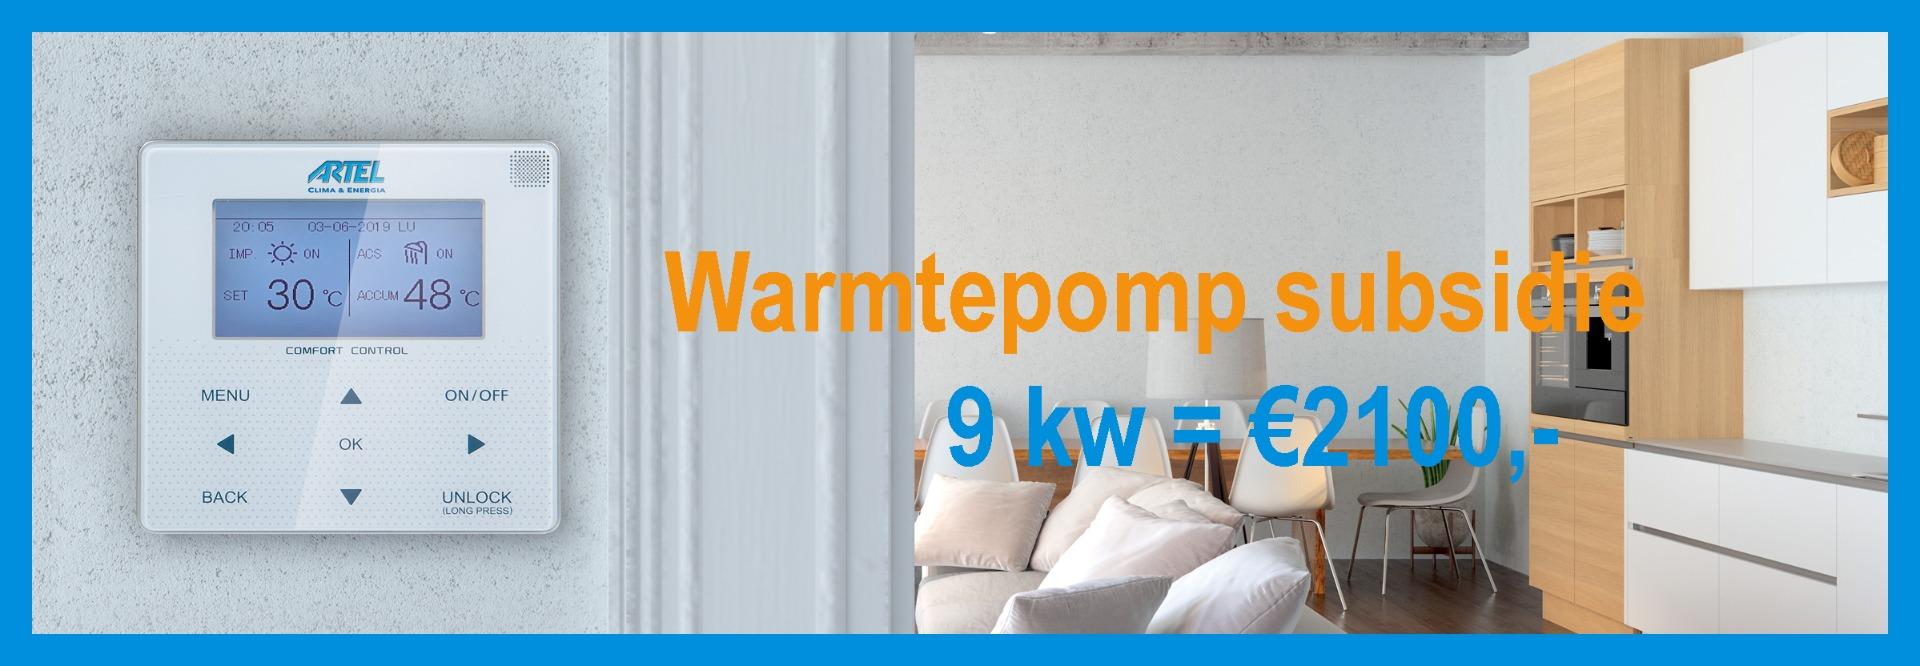 warmtepomp subsidie